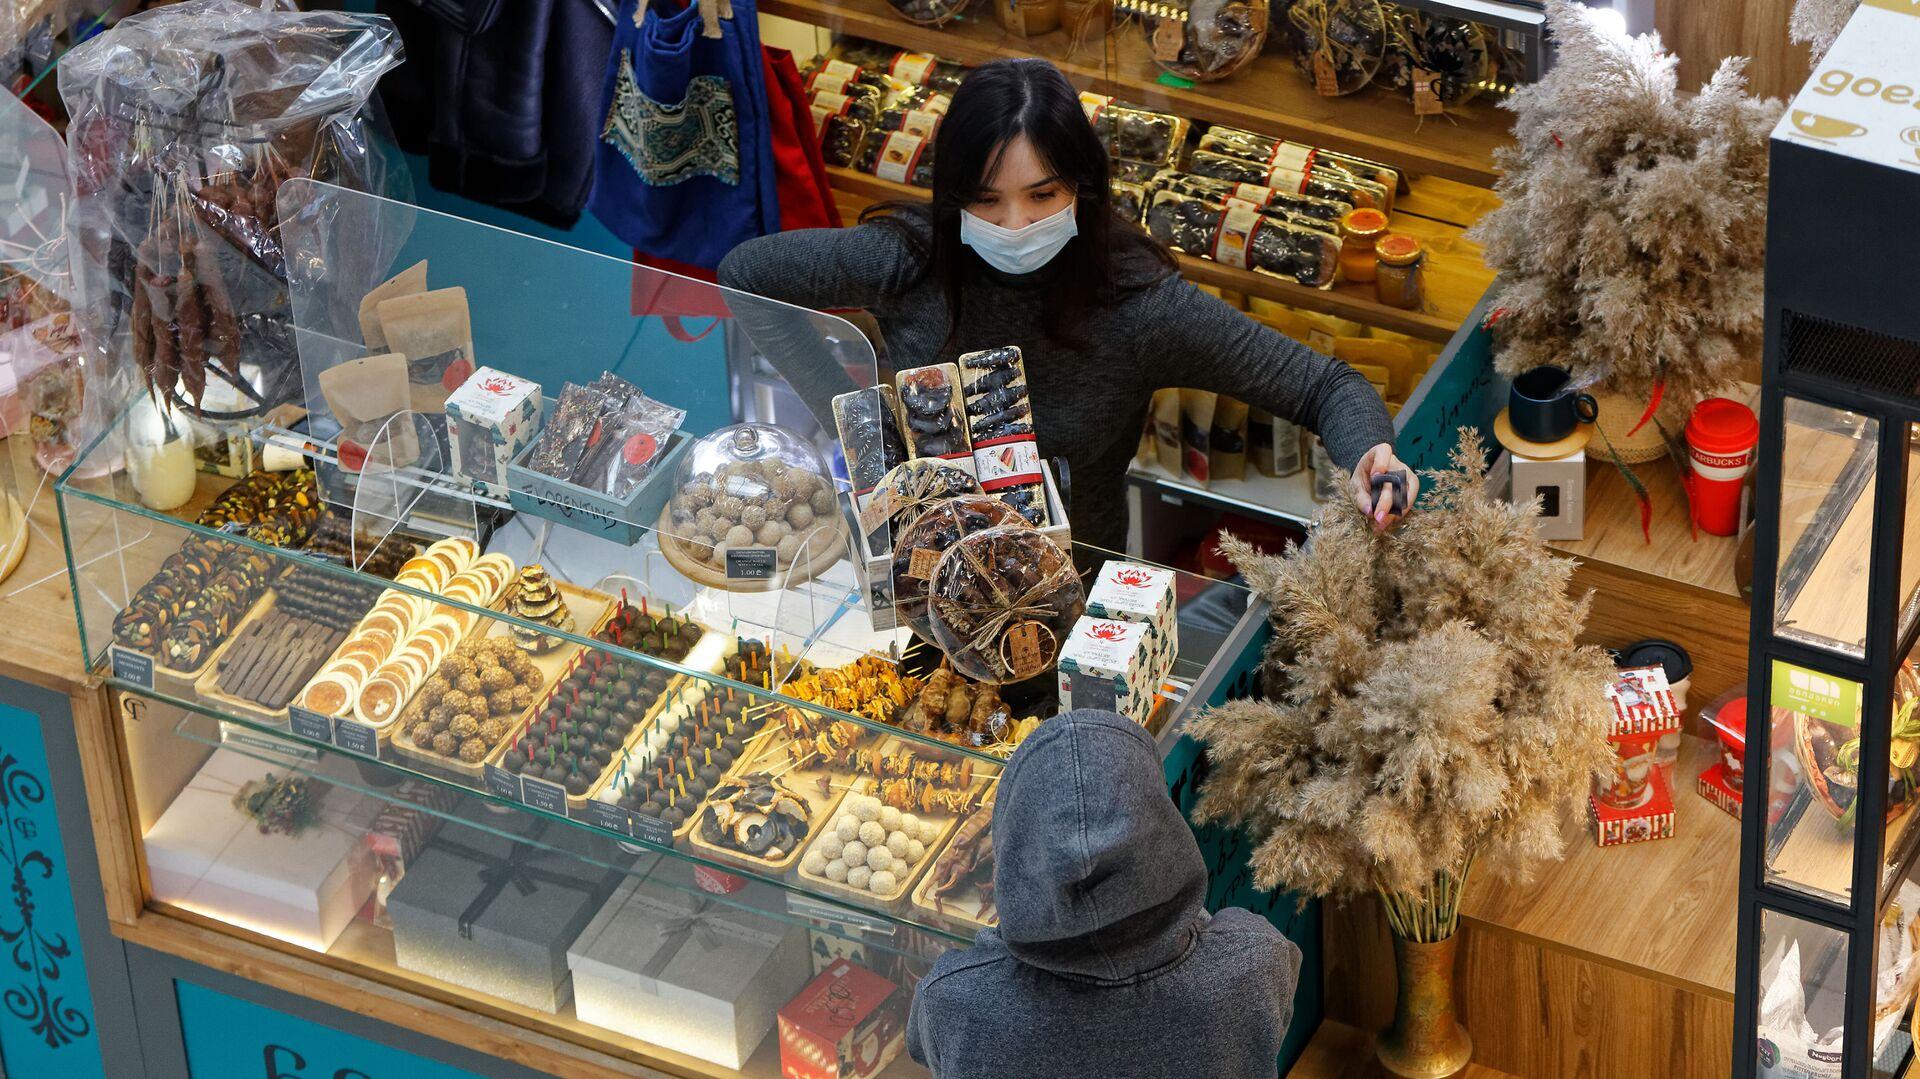 Эпидемия коронавируса - покупатели и продавцы в торговом центре в масках - Sputnik Грузия, 1920, 11.09.2021